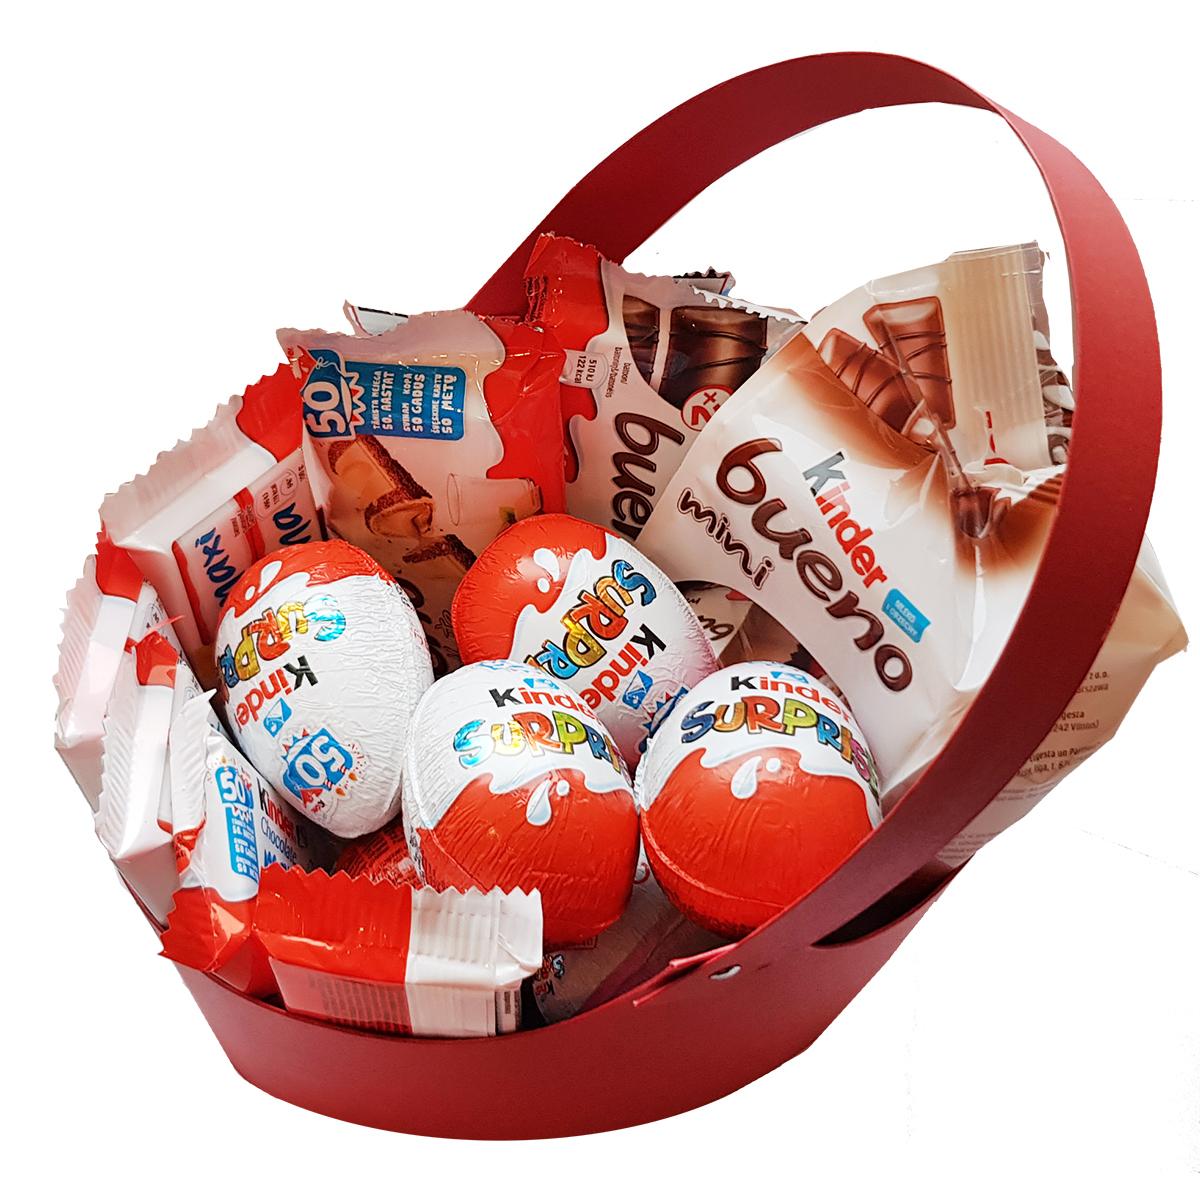 Valgomos puokštės - Kinder kiaušiniai